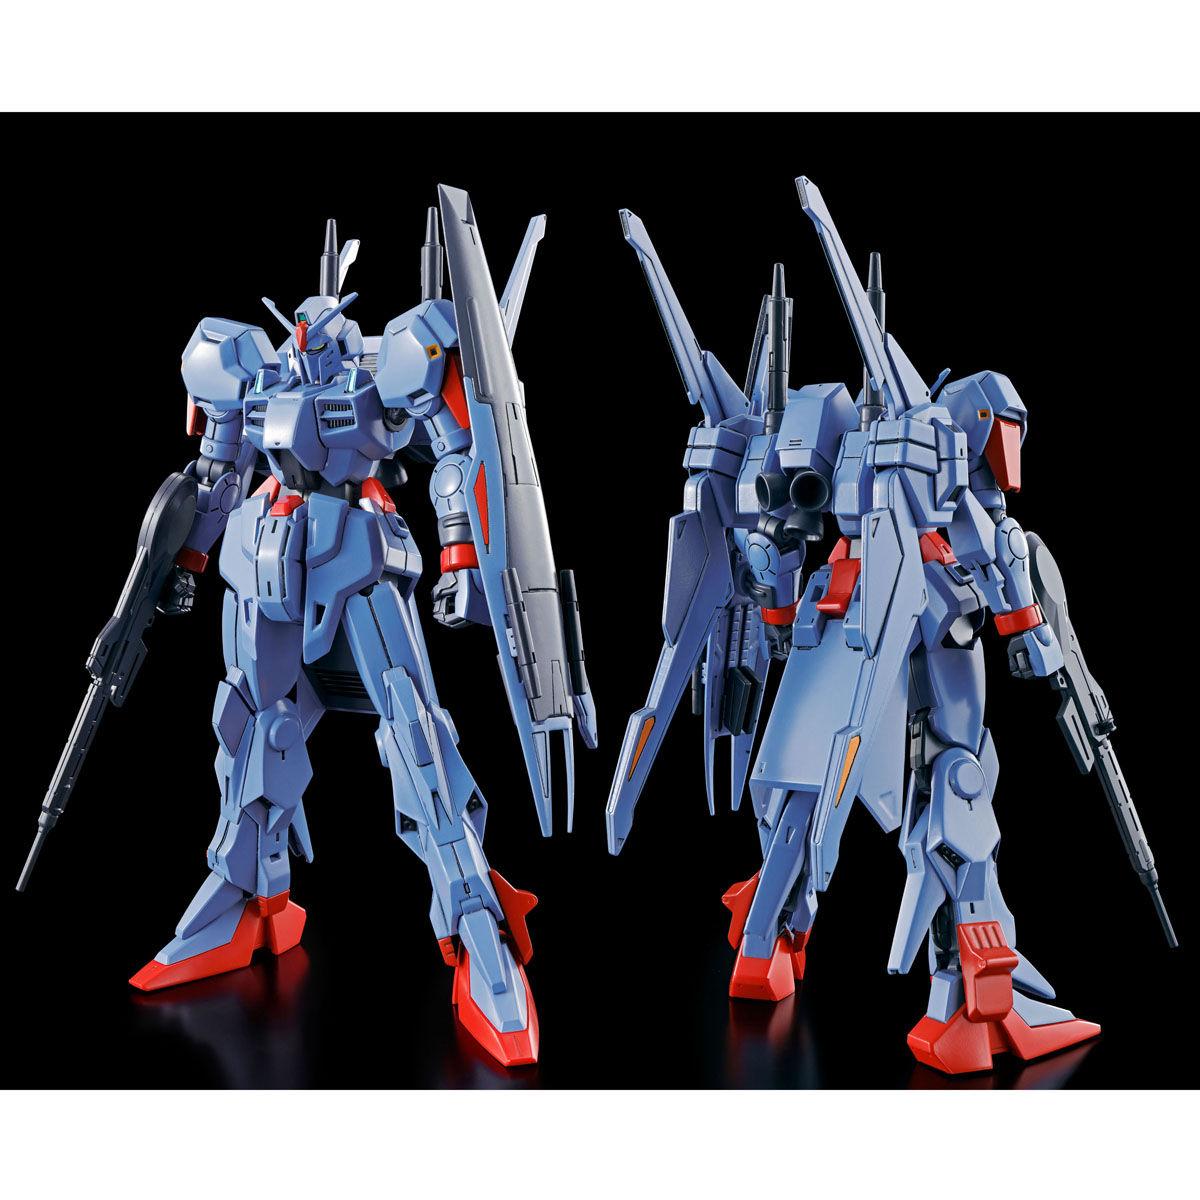 HG 1/144 GUNDAM Mk-Ⅲ